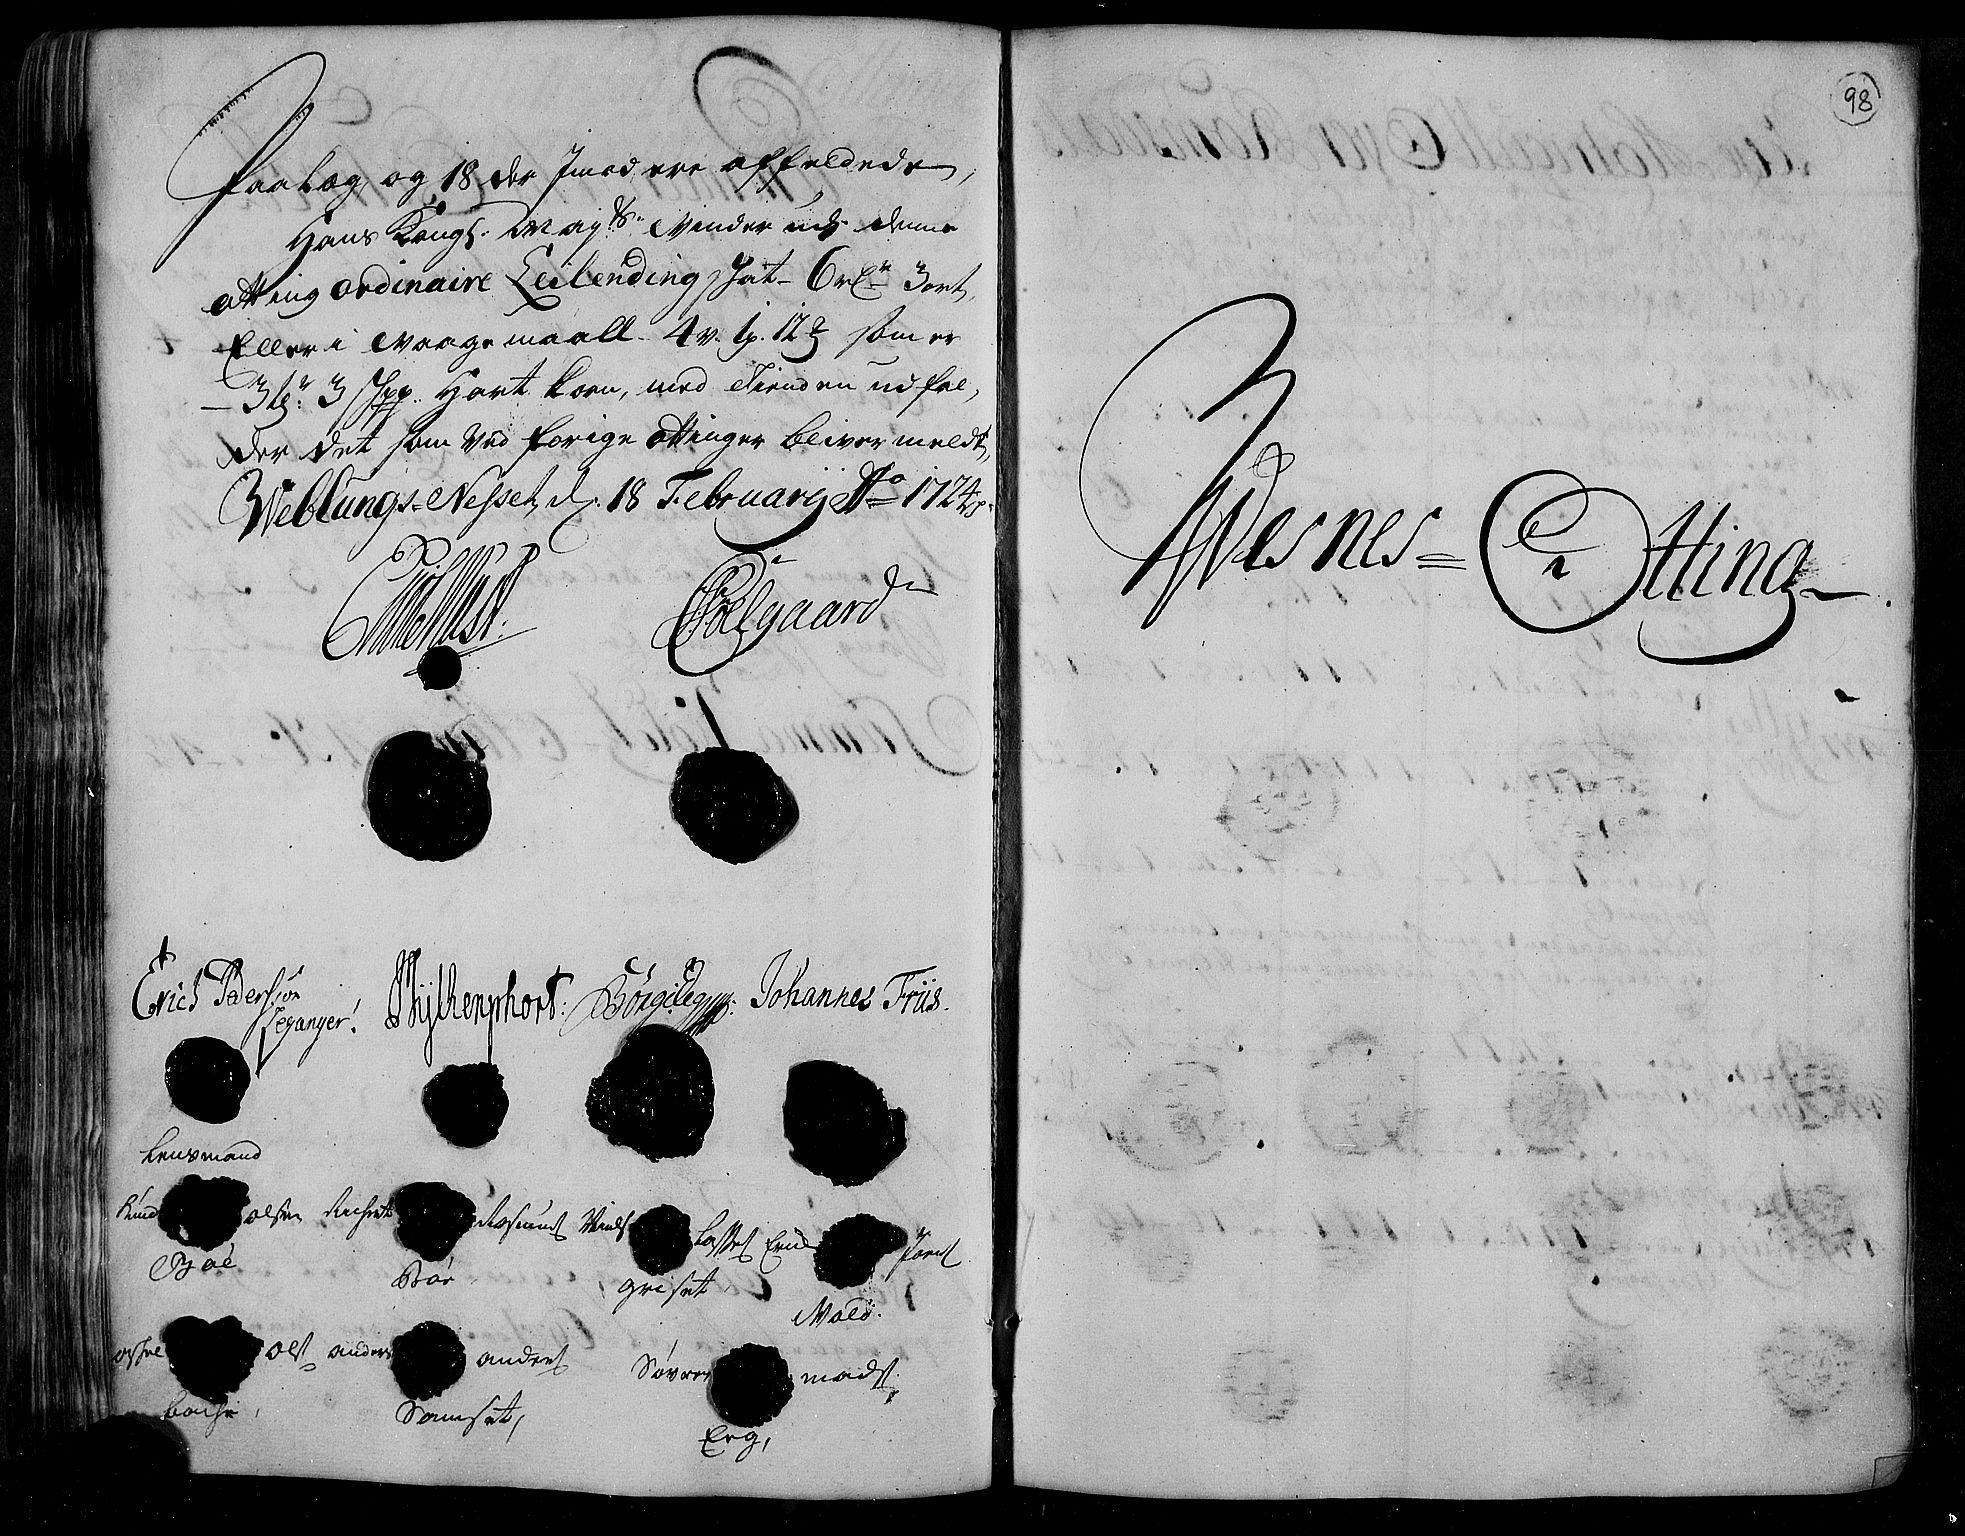 RA, Rentekammeret inntil 1814, Realistisk ordnet avdeling, N/Nb/Nbf/L0153: Romsdal matrikkelprotokoll, 1724, s. 97b-98a